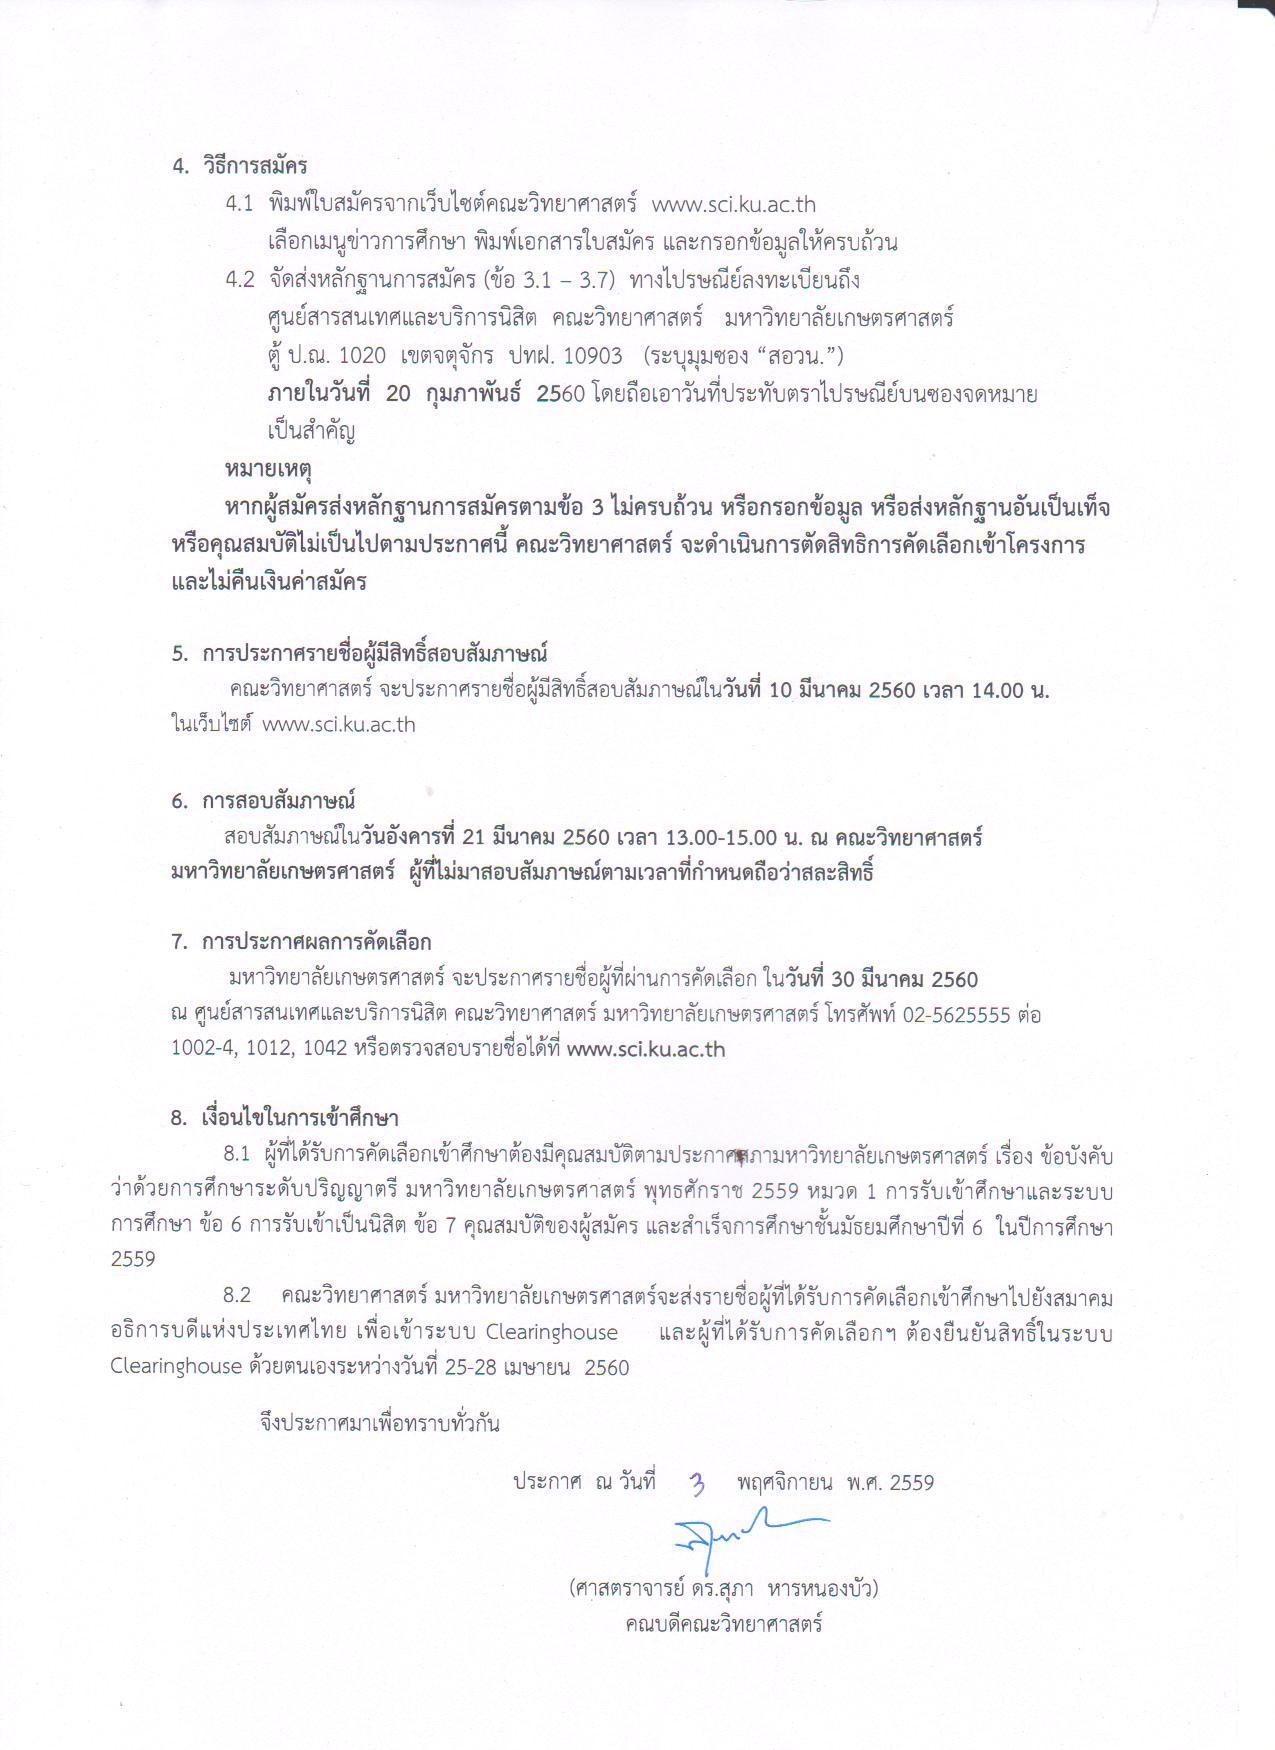 dsvon2560_page_2